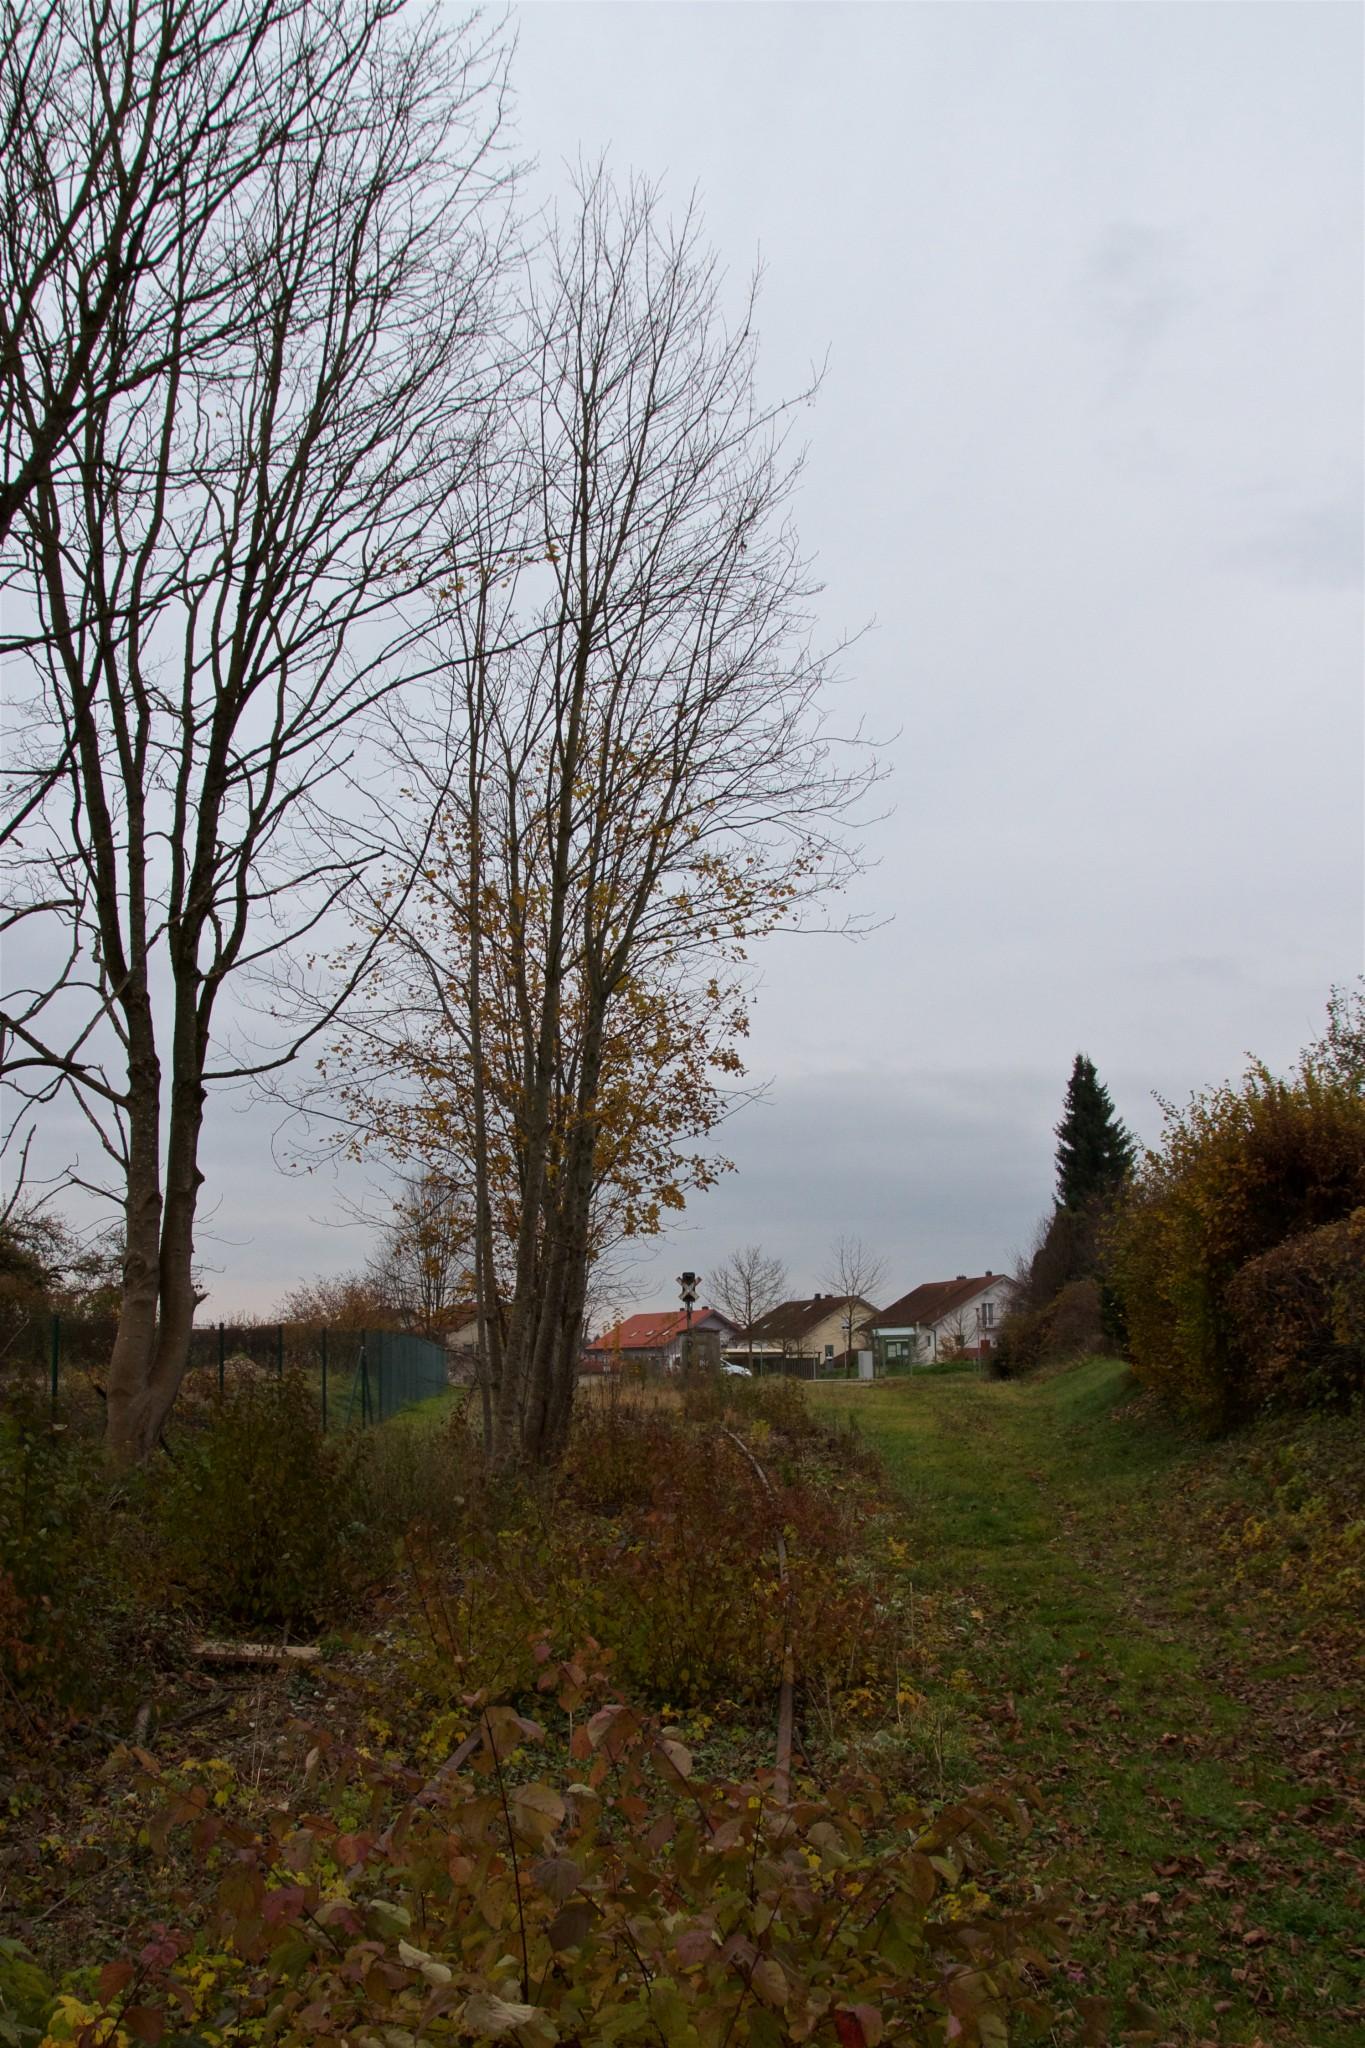 Streckendetail in der Nähe der Megglestraße